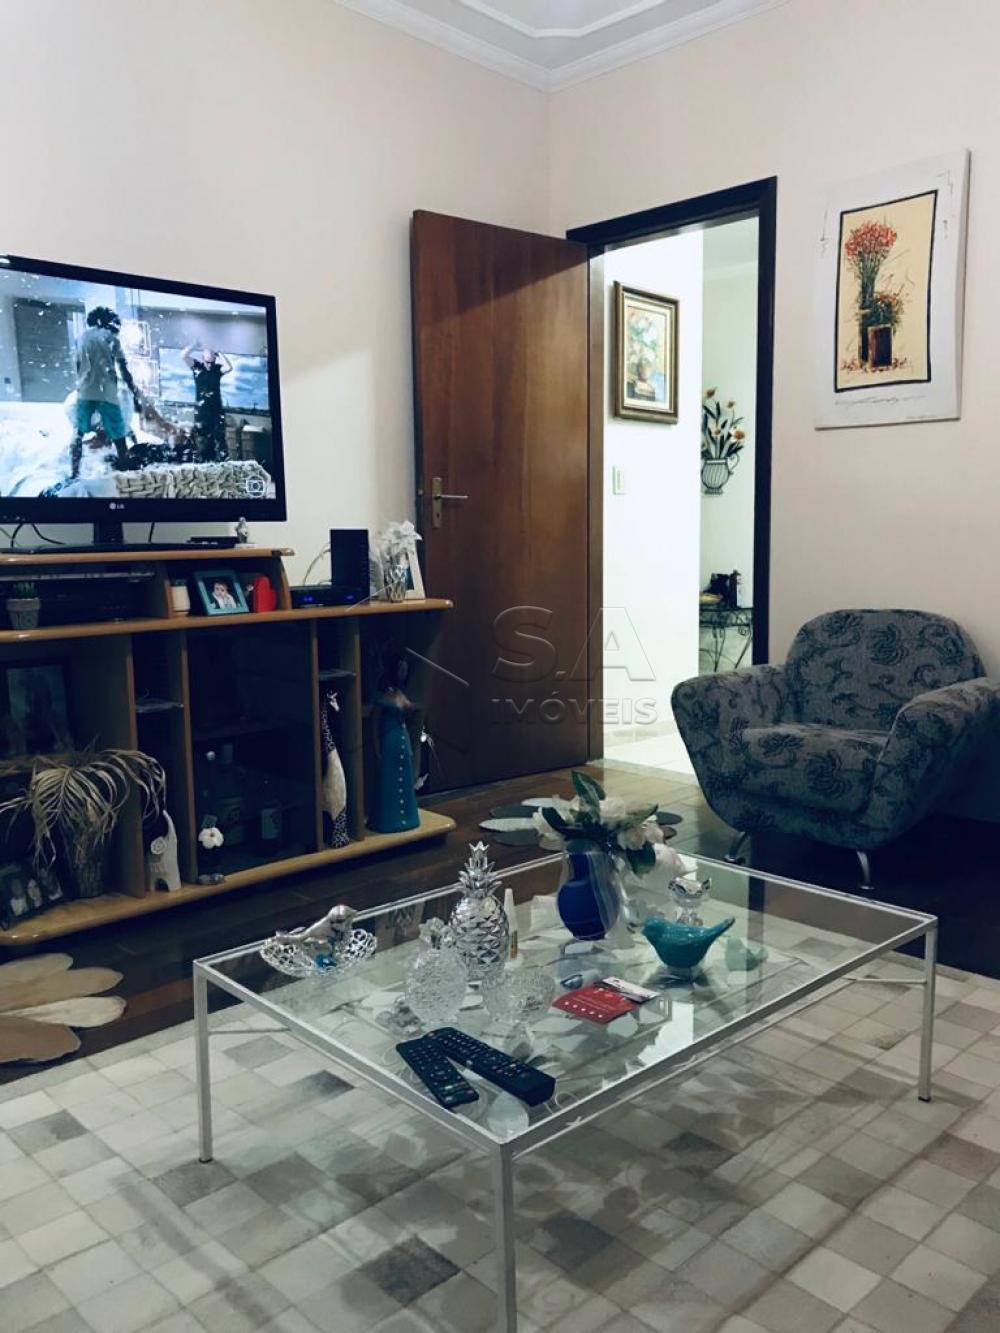 Comprar Casa / Padrão em Botucatu apenas R$ 470.000,00 - Foto 8